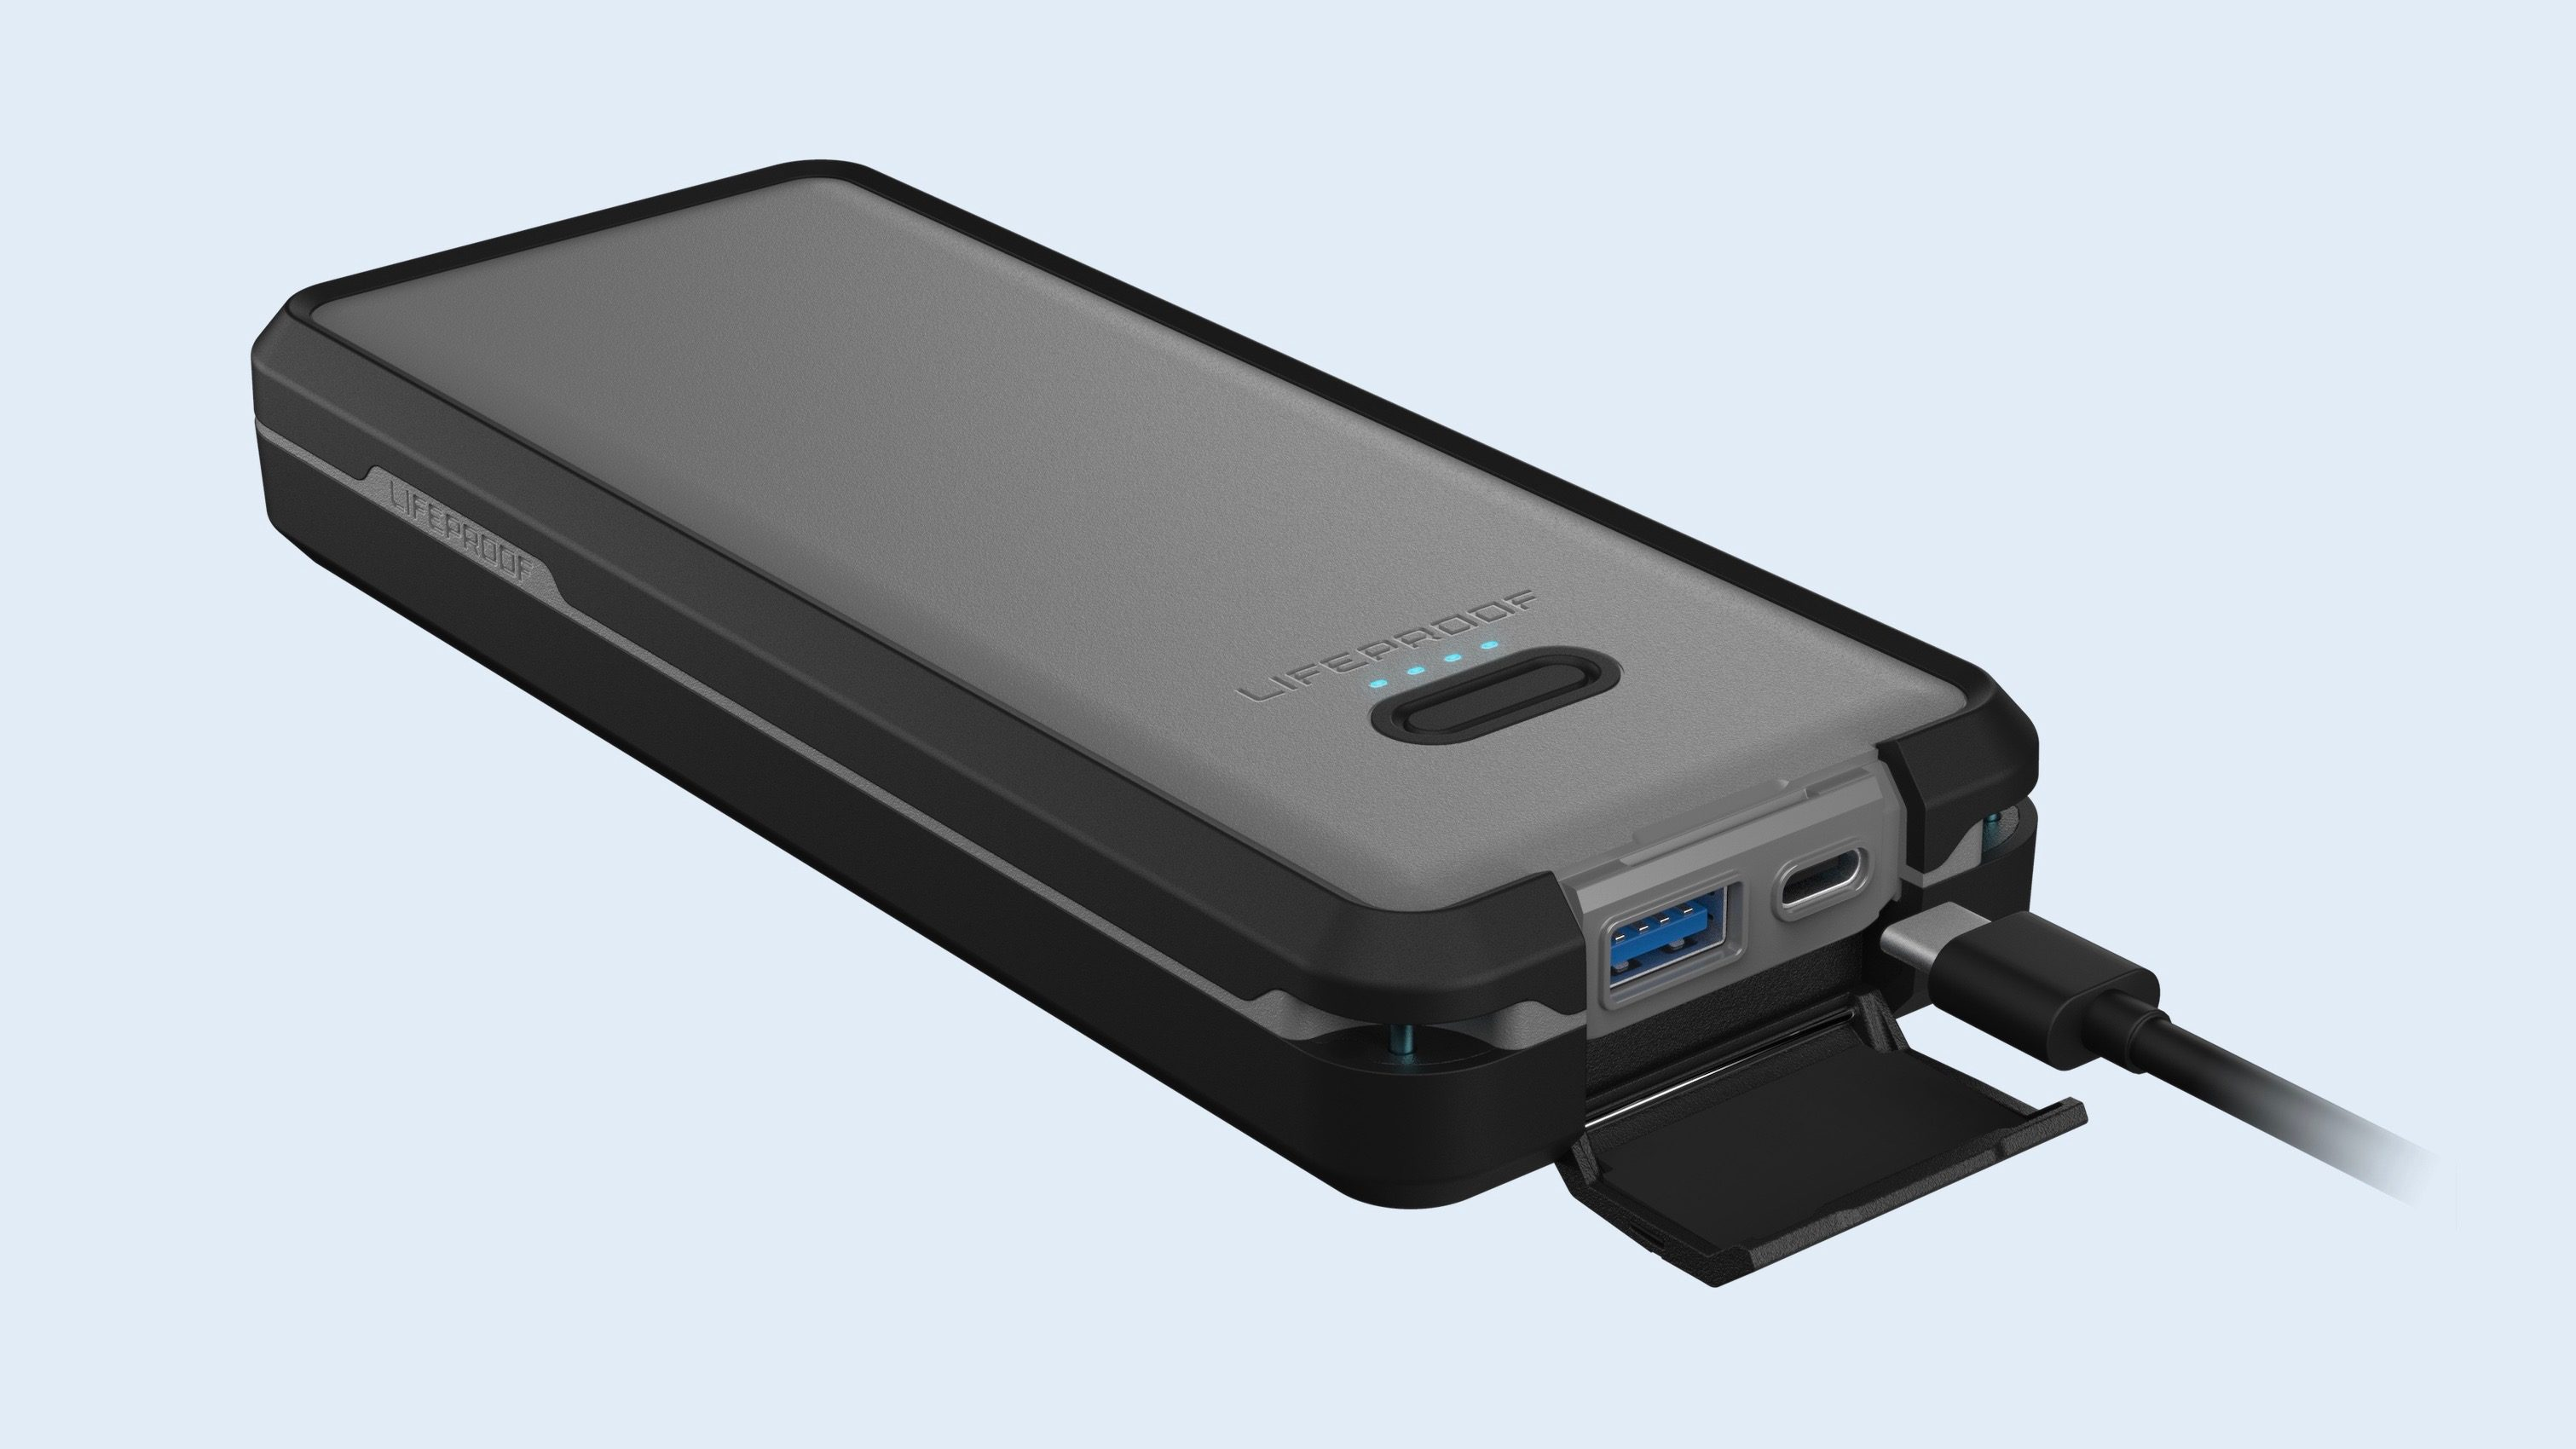 Pour les baroudeurs, nouvelle batterie étanche et résistante signée Lifeproof (compatible iPhone, MacBook et plus) 1